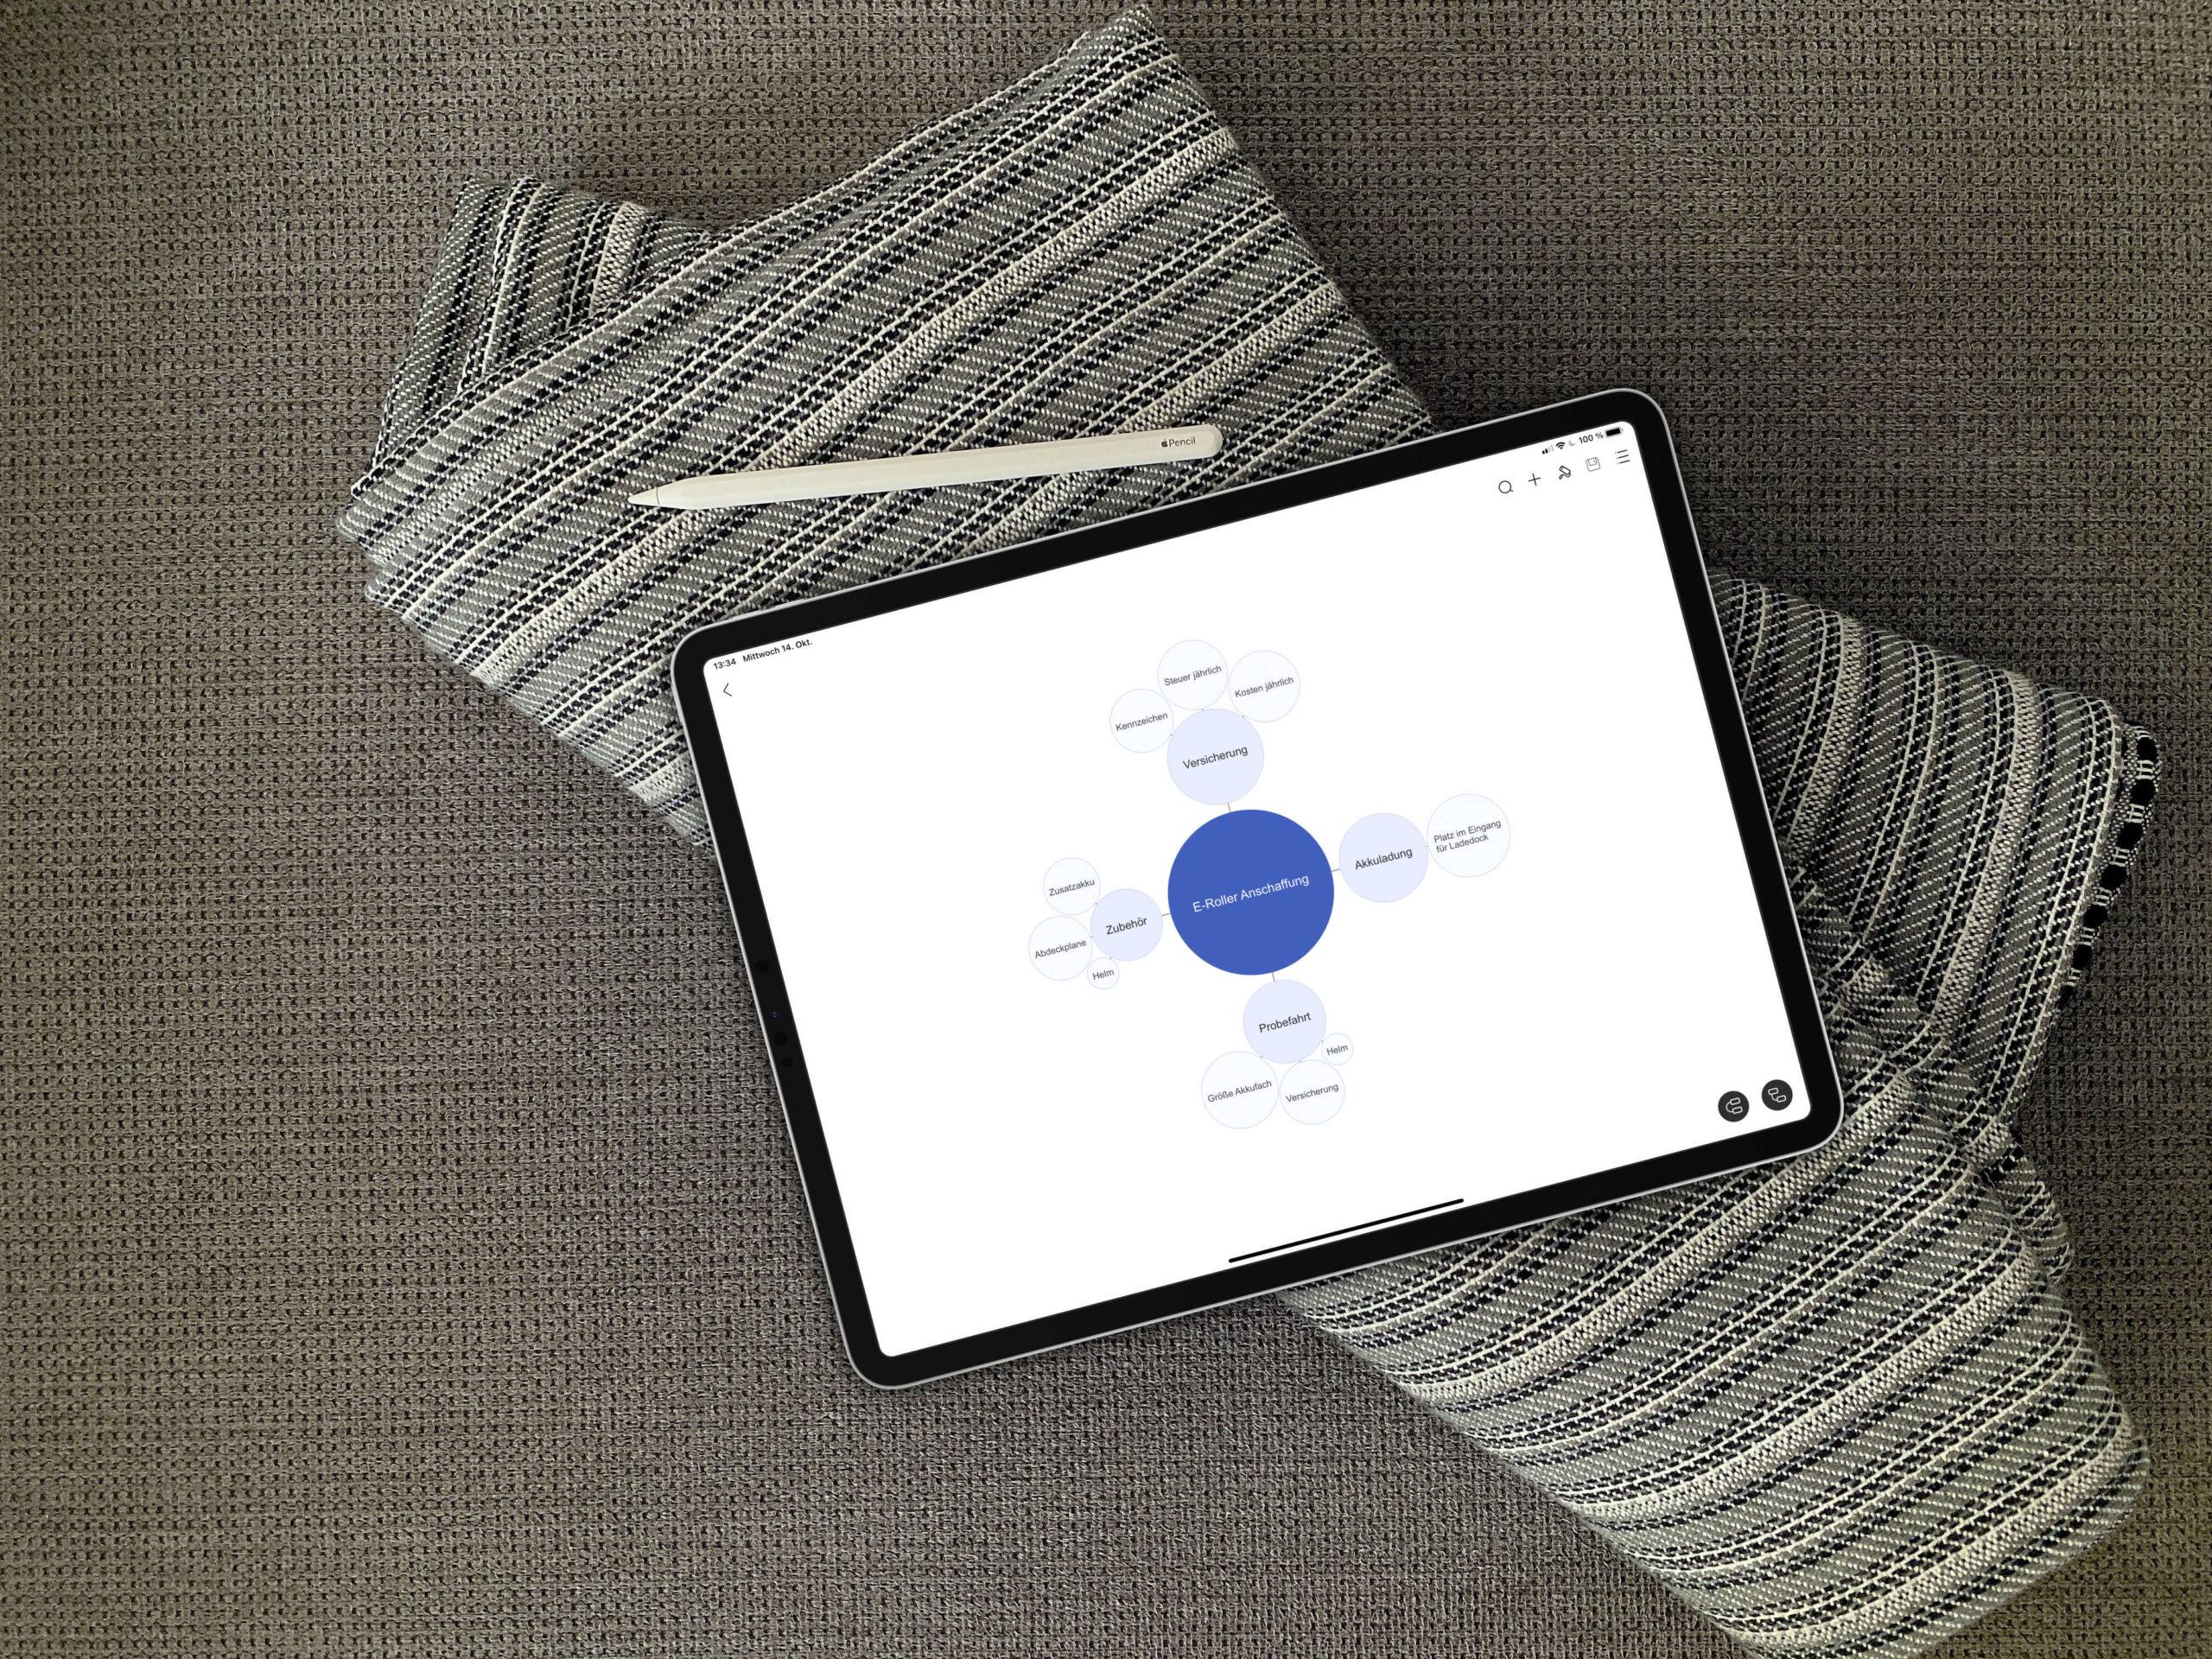 MindMaster-von-edraw-professionelles-Mindmapping-fuer-iPhone-iPad-und-den-Mac1-scaled MindMaster von edraw - professionelles Mindmapping für iPhone, iPad und den Mac